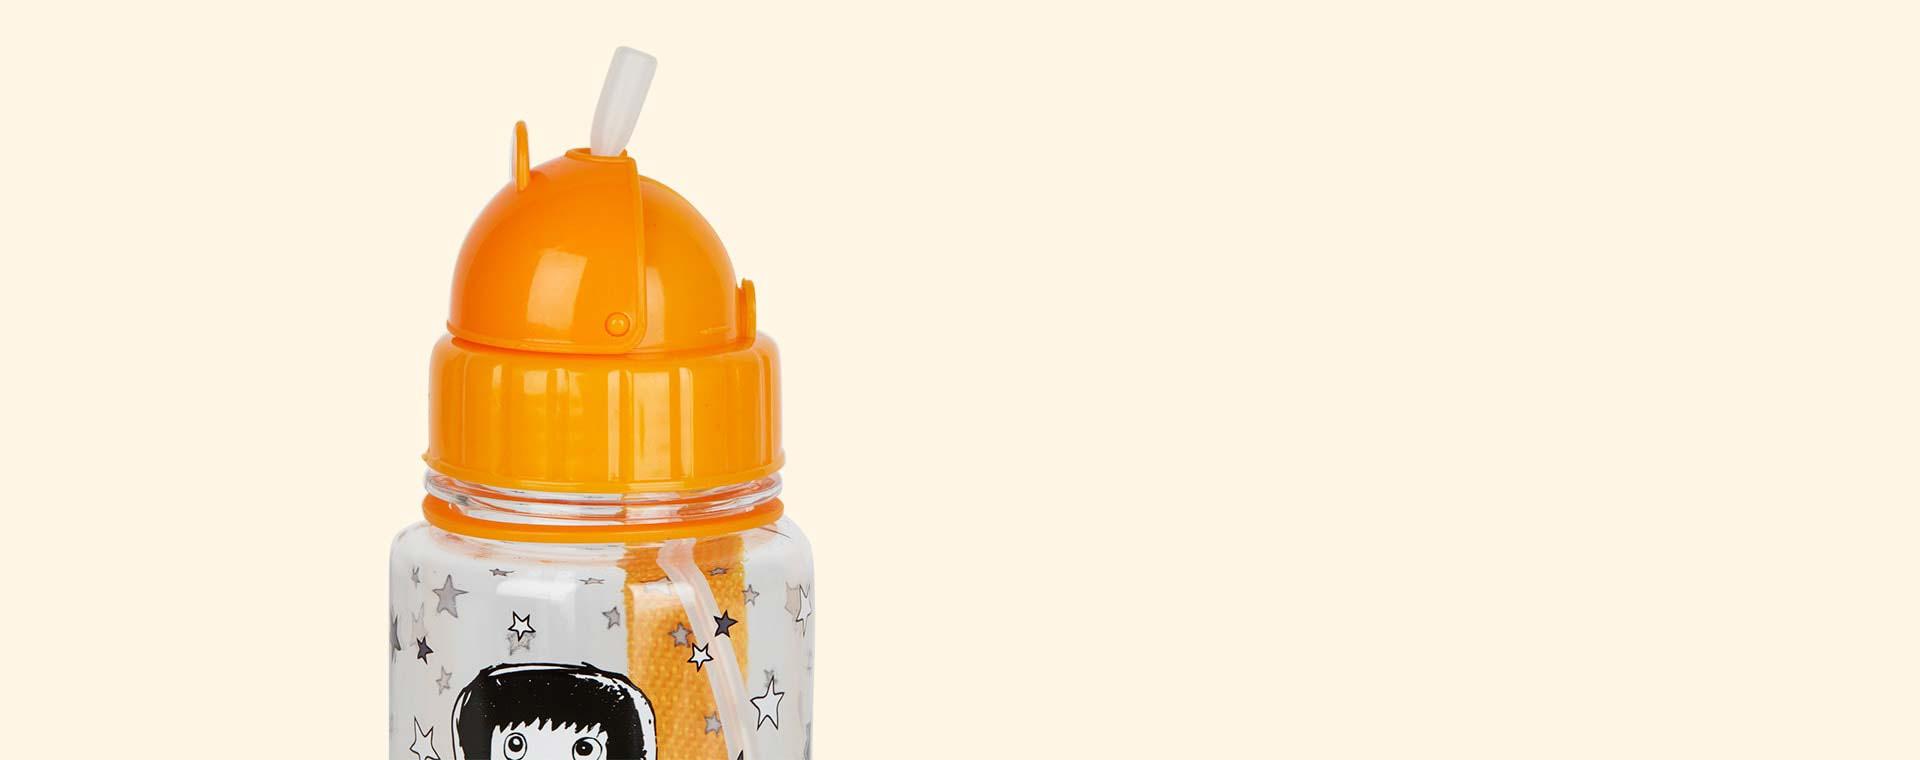 Spaceman Babymel Drinking Bottle